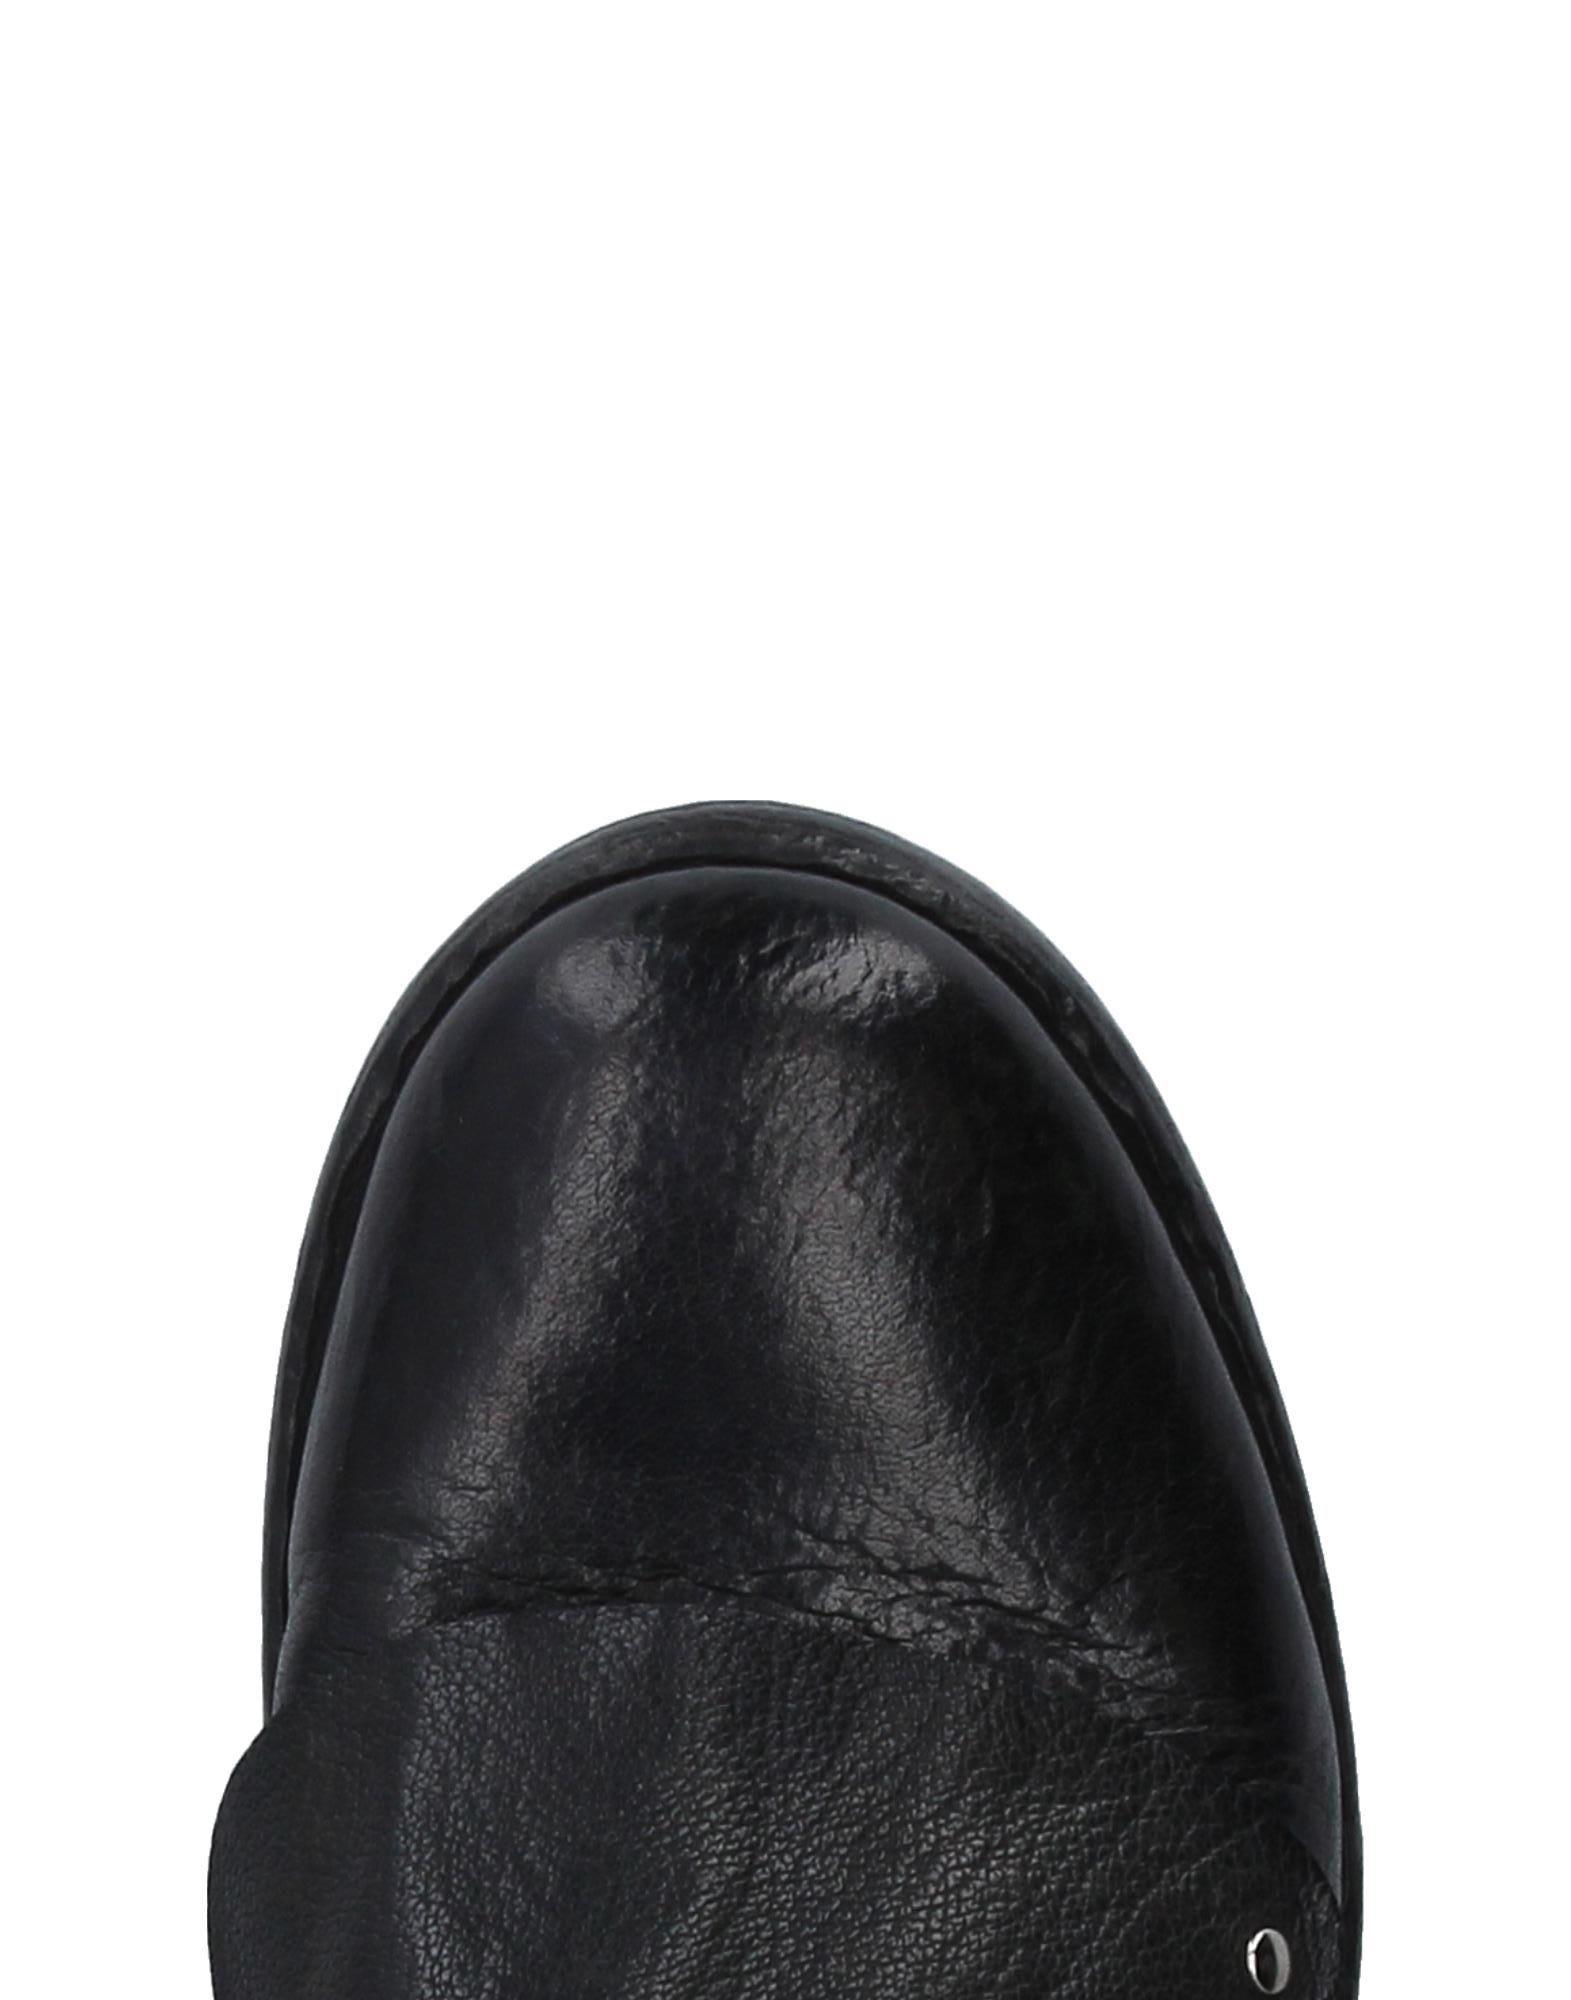 ouvrir des souliers fermés des des des mocassins - femmes ouvre des souliers fermés des mocassins en ligne le royaume - uni - 11275646px 1dfb36